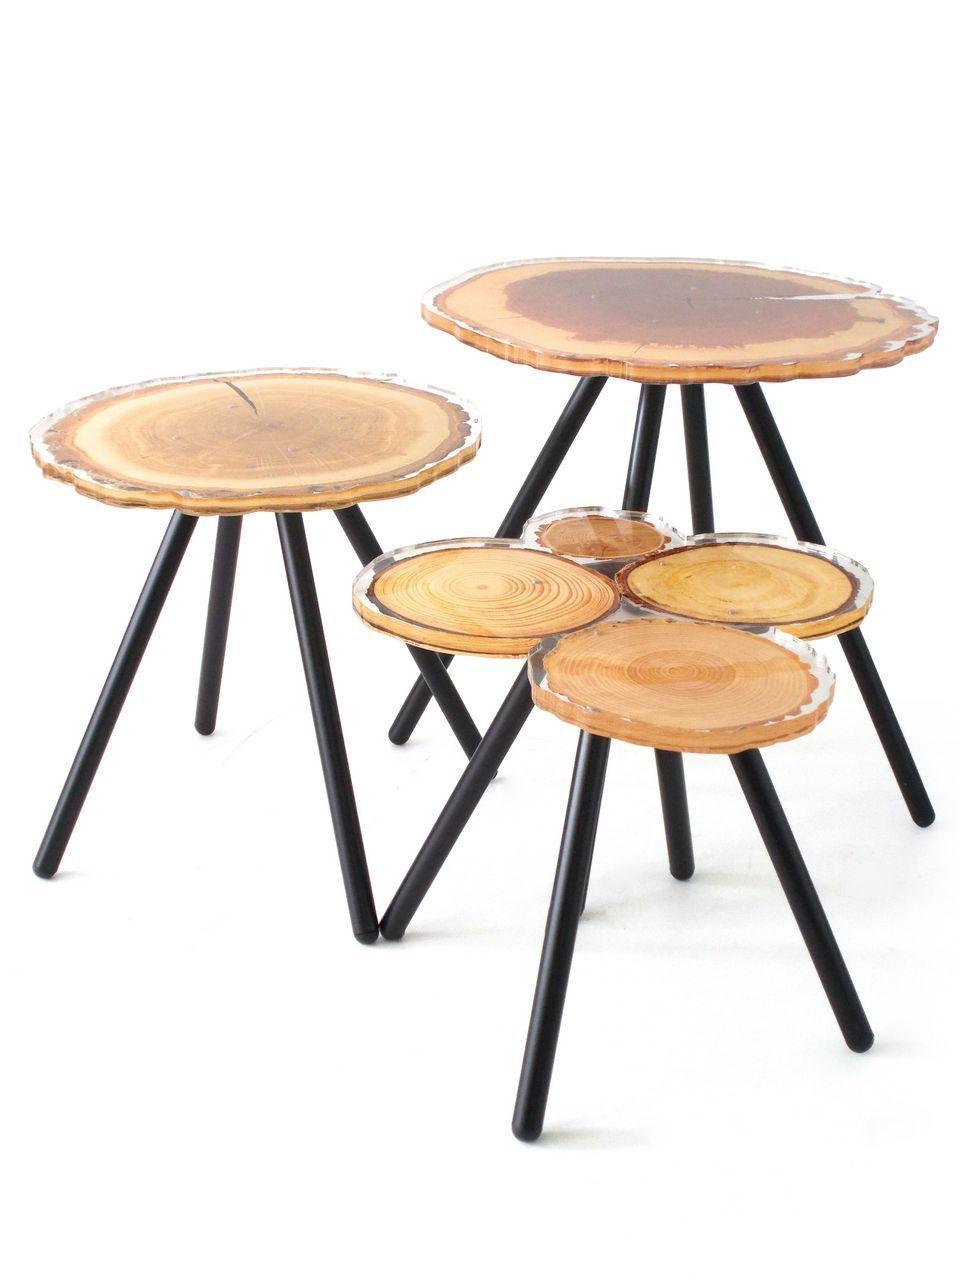 table acrylique quebec rondins de bois bricolage pinterest. Black Bedroom Furniture Sets. Home Design Ideas